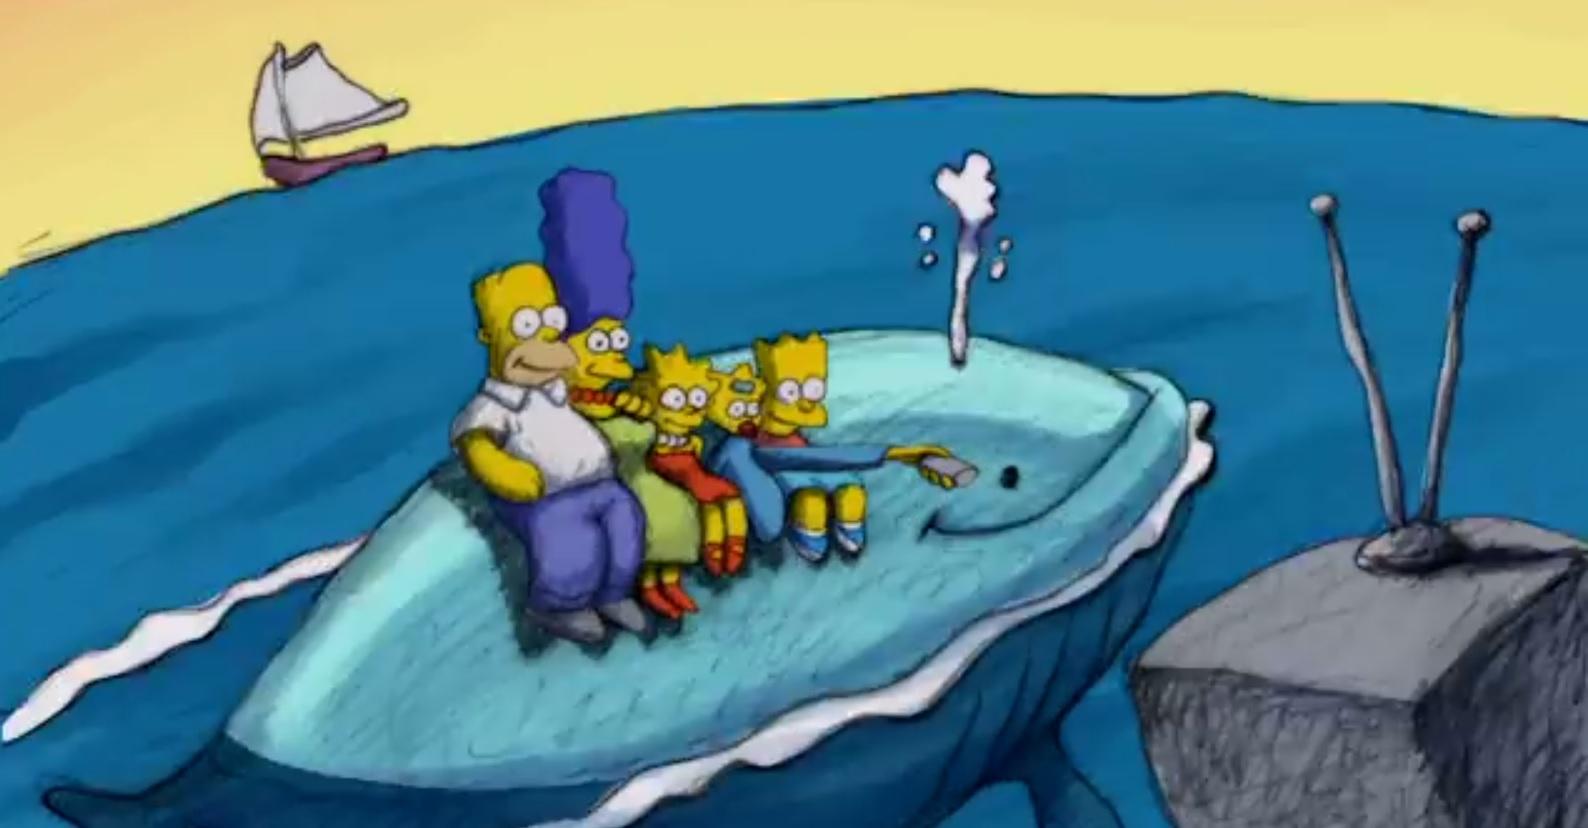 Imagen promocional del nuevo episodio donde se utilizará un guión de Judd Apatow de 1990. Los Simpsons nos presentan la primera imágen de su nuevo episodio donde se utilizará un guión de Judd Apatow de 1990. 'Bart's New Friend' es un nuevo episodio de esta temporada 26 Los Simpsons, estelarizado por Dan Castellaneta, Julie Kavner, Nancy Cartwright, Yeardley Smith, Hank Azaria y Harry Shearer, además de Willem Dafoe como invitado.